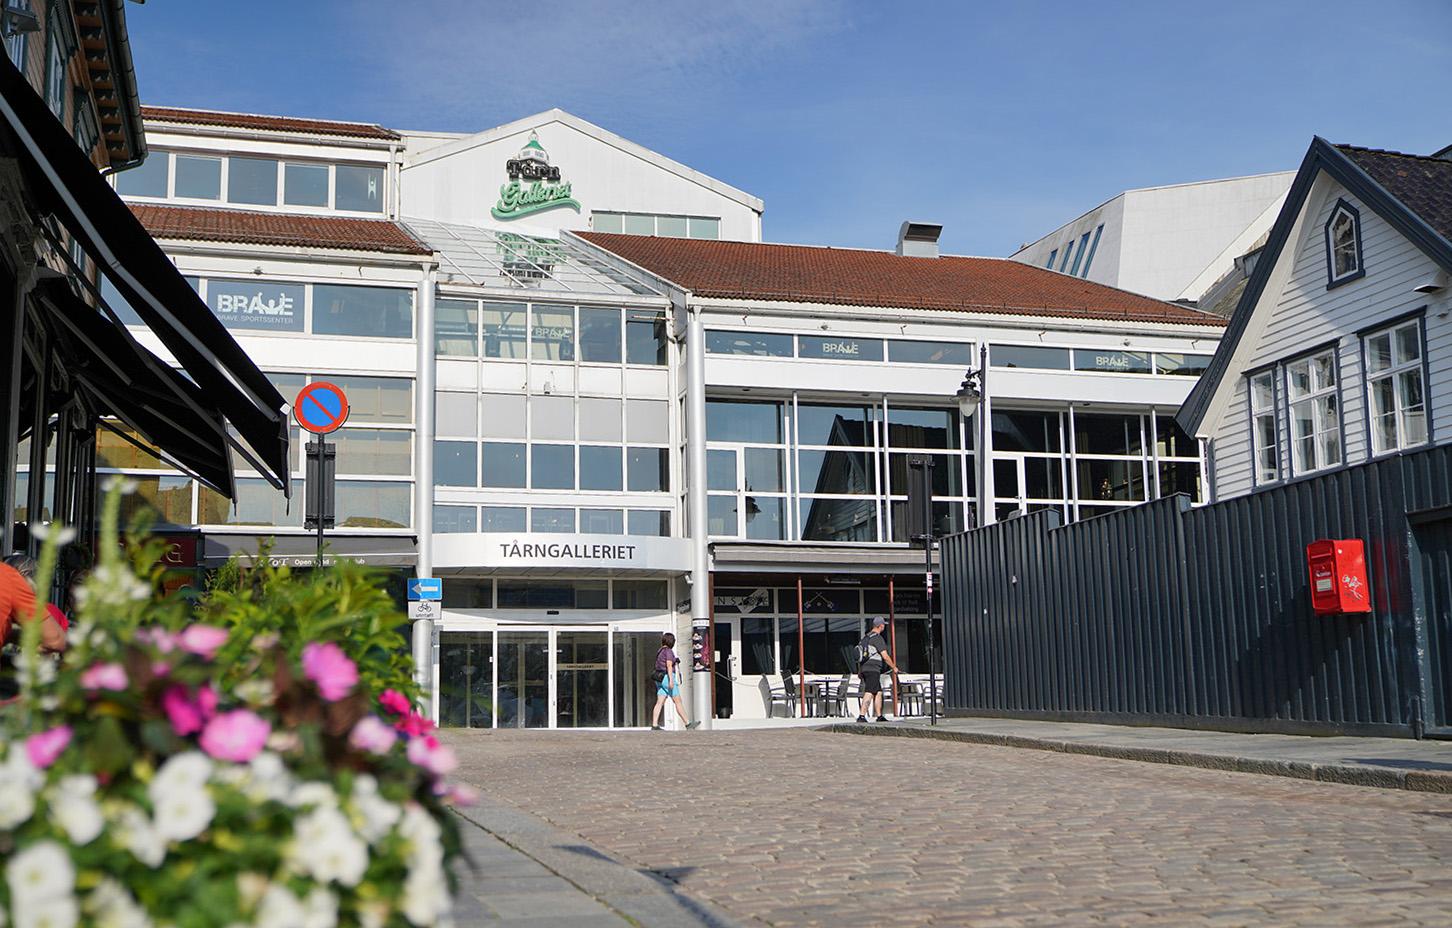 Tårngalleriet * Skagen 27, Stavanger